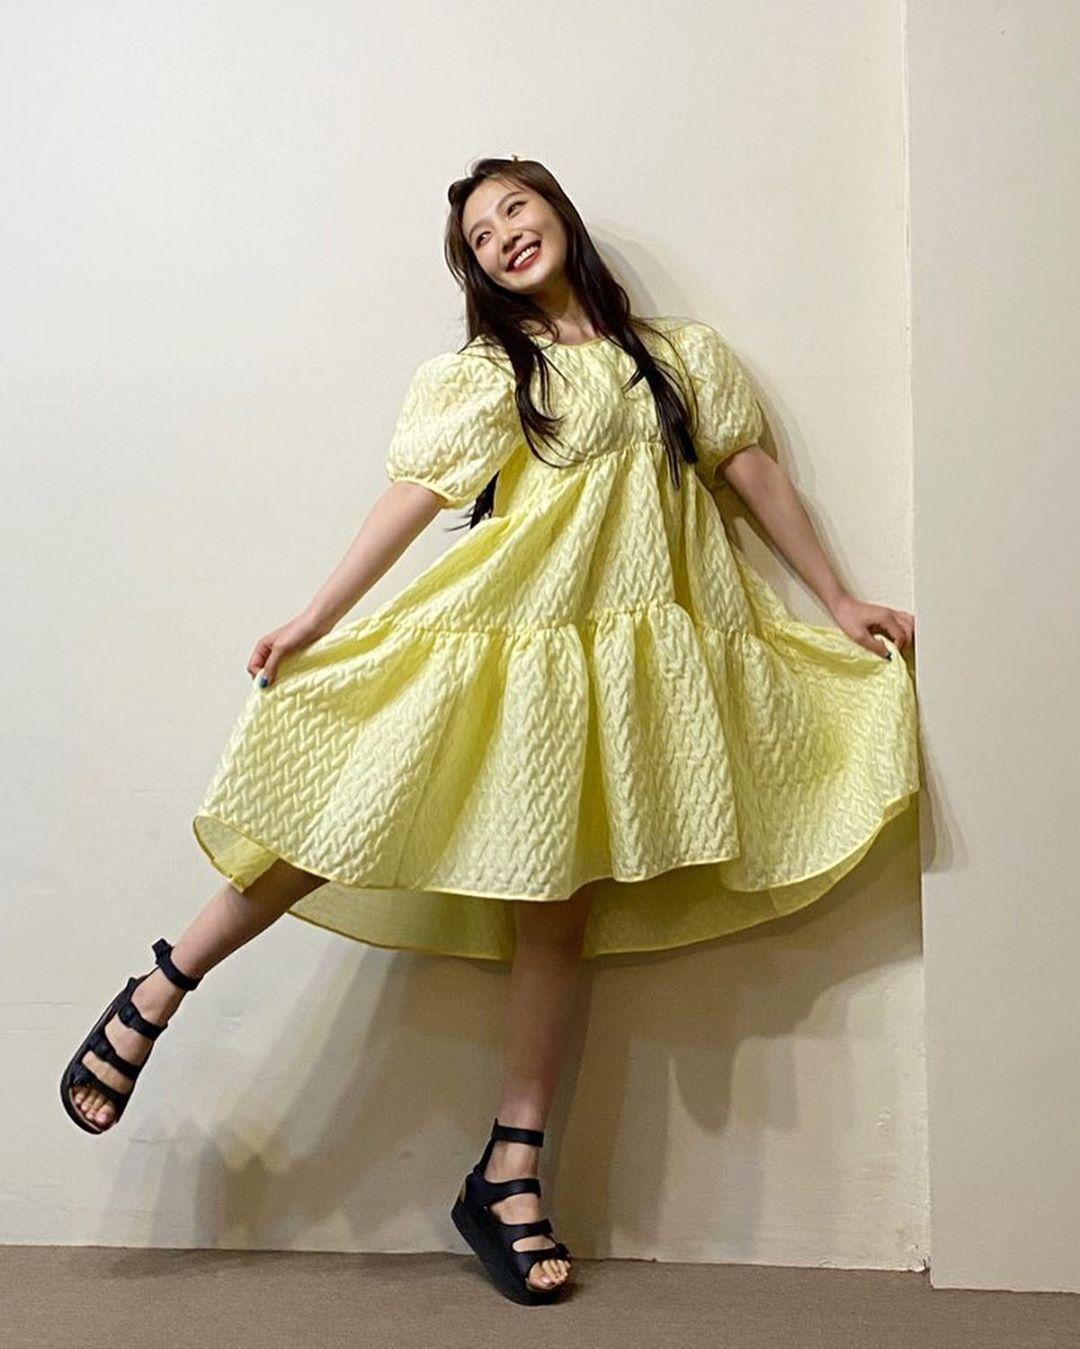 Joy mặc đầm xòe màu vàng pastel